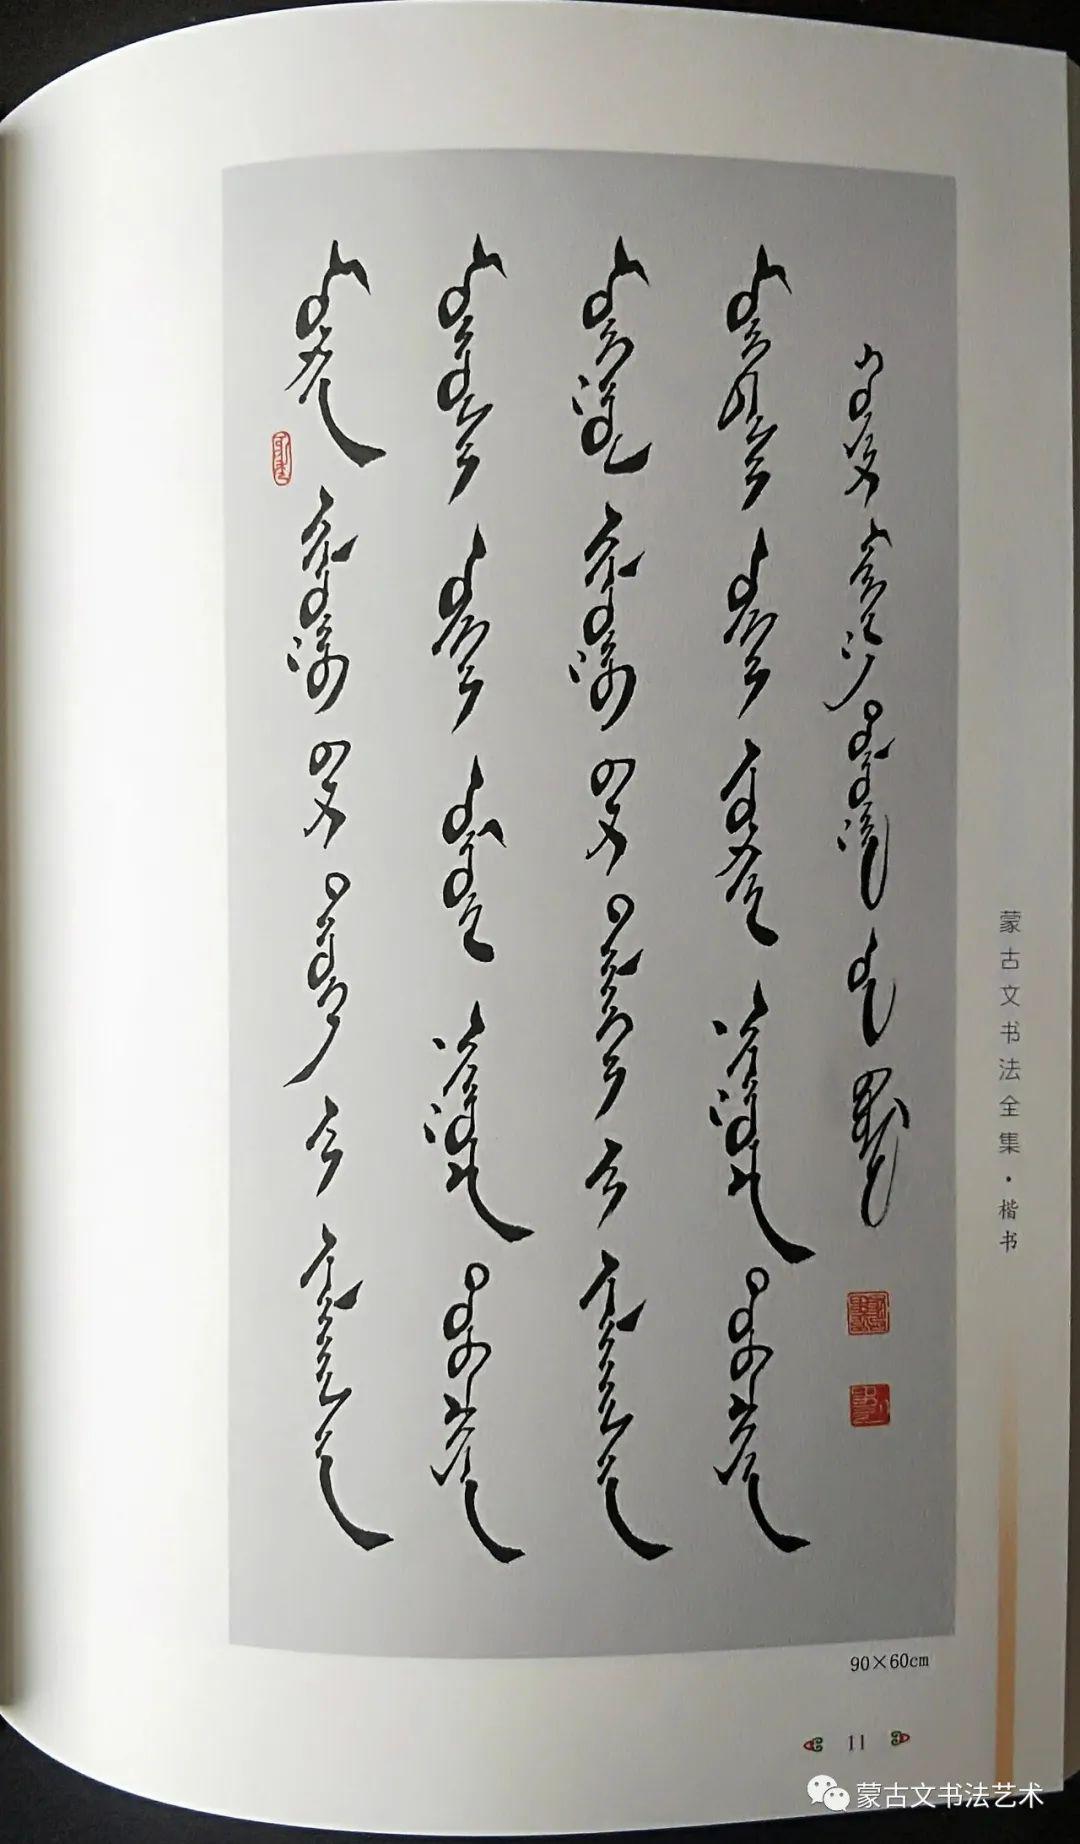 蒙古文书法全集 第8张 蒙古文书法全集 蒙古书法